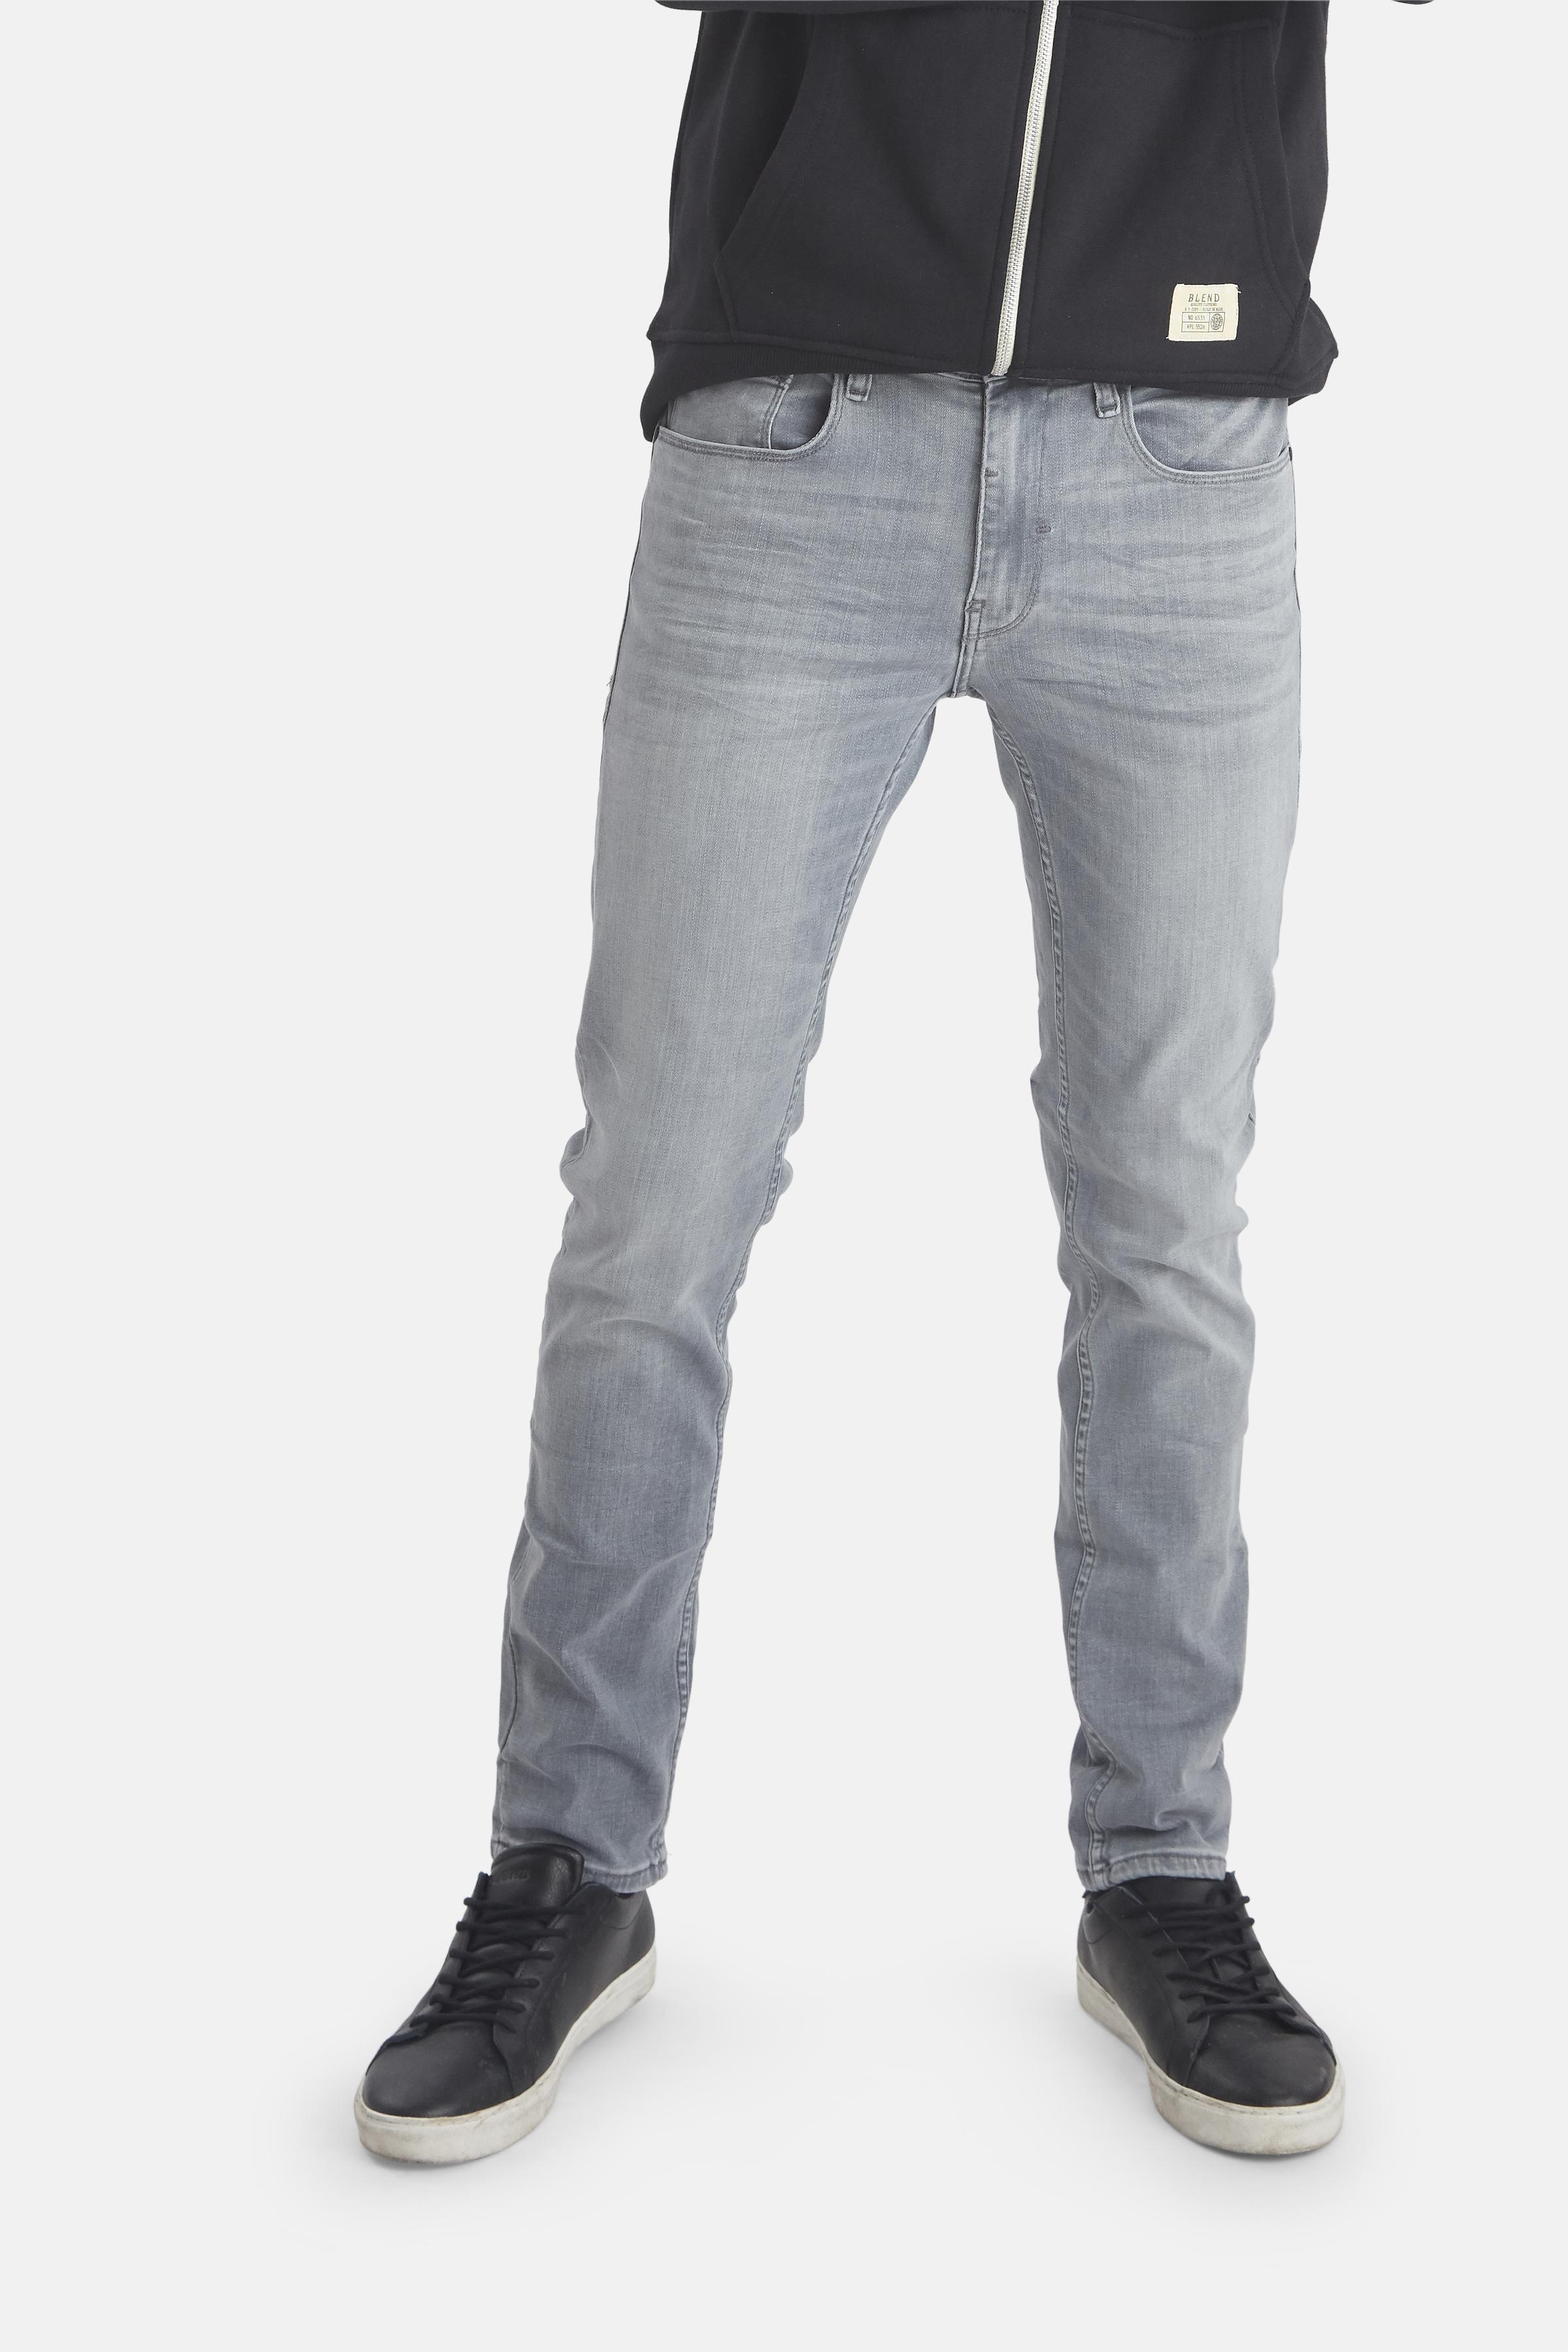 Denim Grey Jet jeans – Køb Denim Grey Jet jeans fra str. 27-40 her